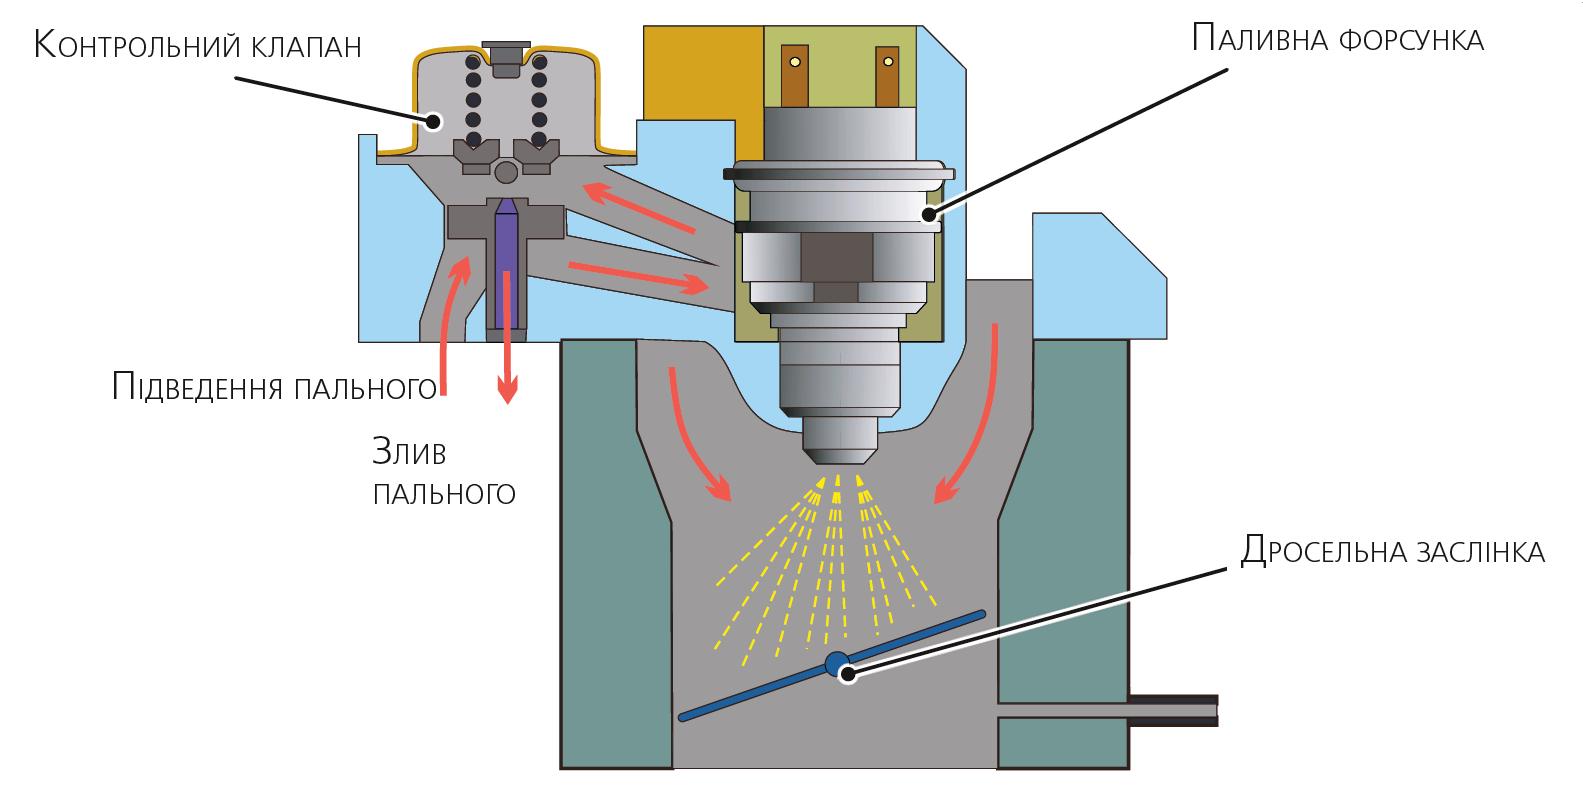 Приклад будови системи живлення бензинових двигунів із моновпорскуванням